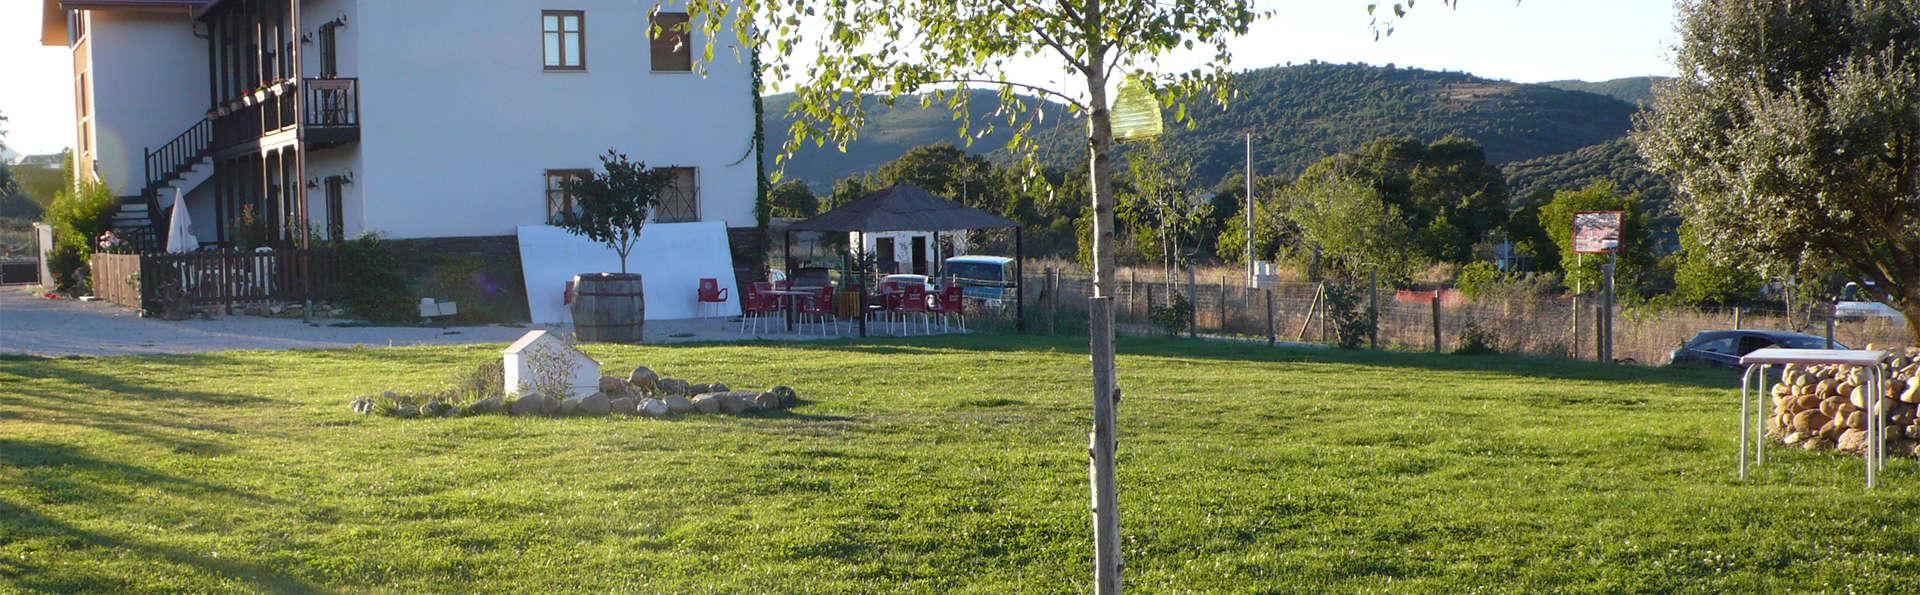 Hotel Rural La Peregrina - EDIT_Exterior.jpg